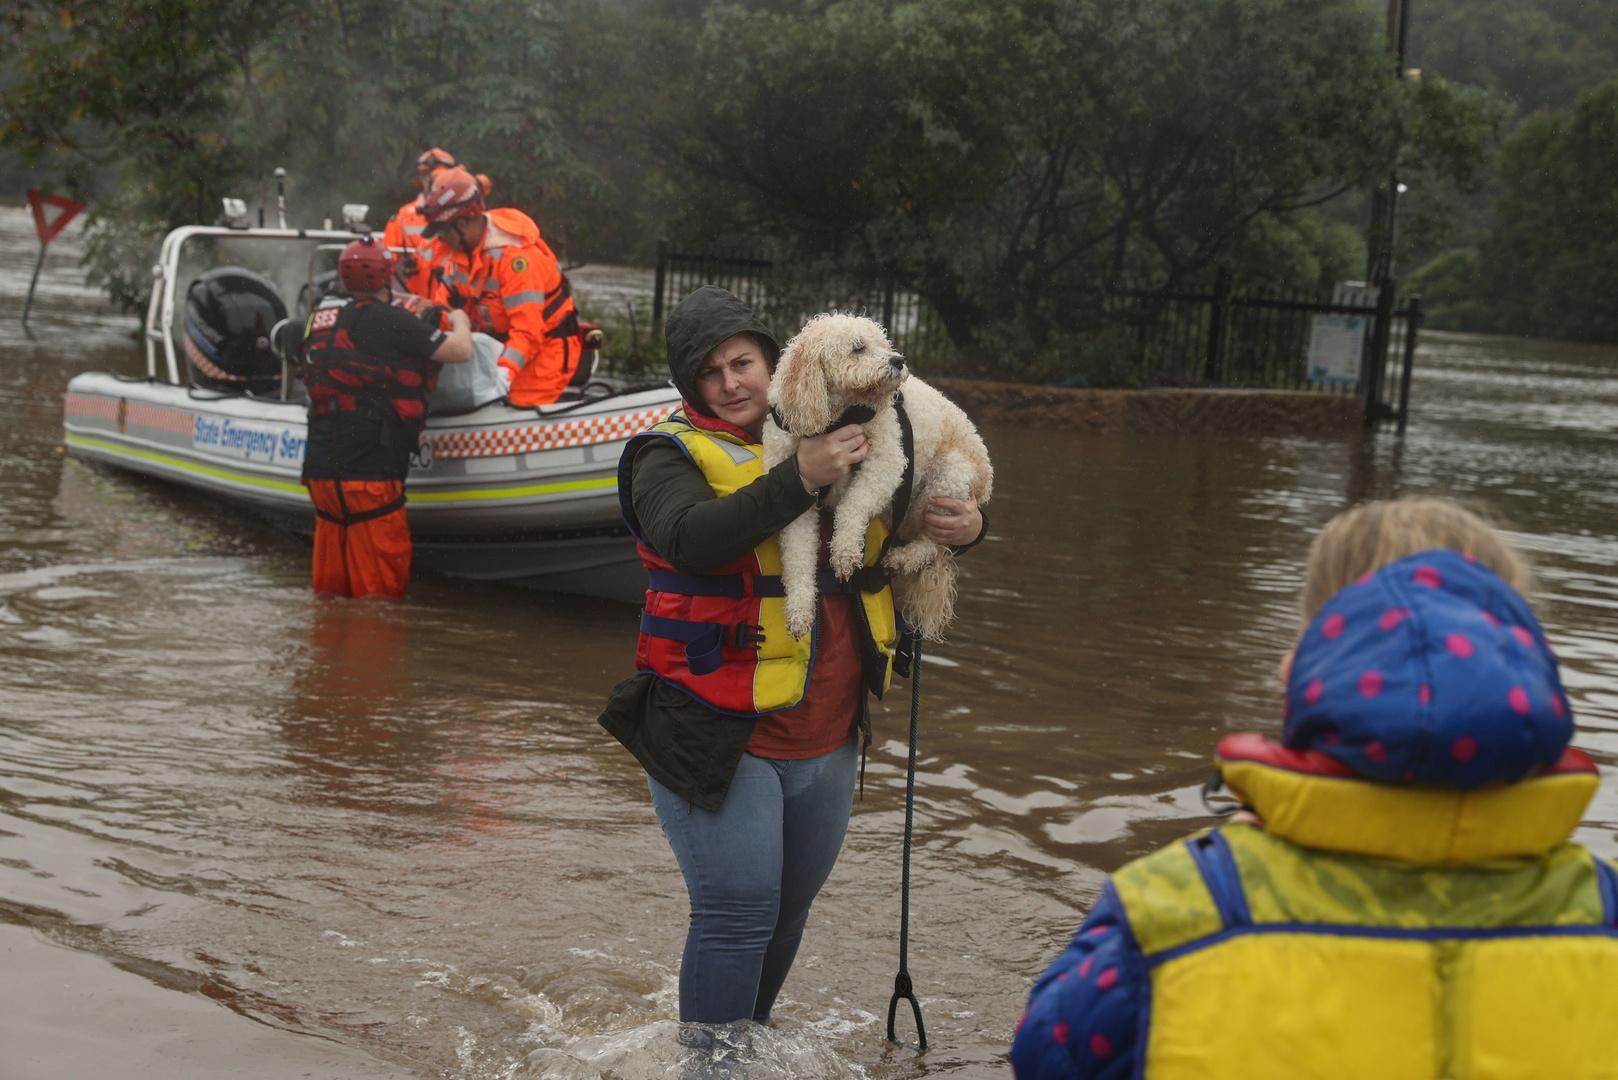 في أسوأ فيضانات منذ نصف قرن.. أستراليا تجلي آلاف السكان (صور+ فيديو)